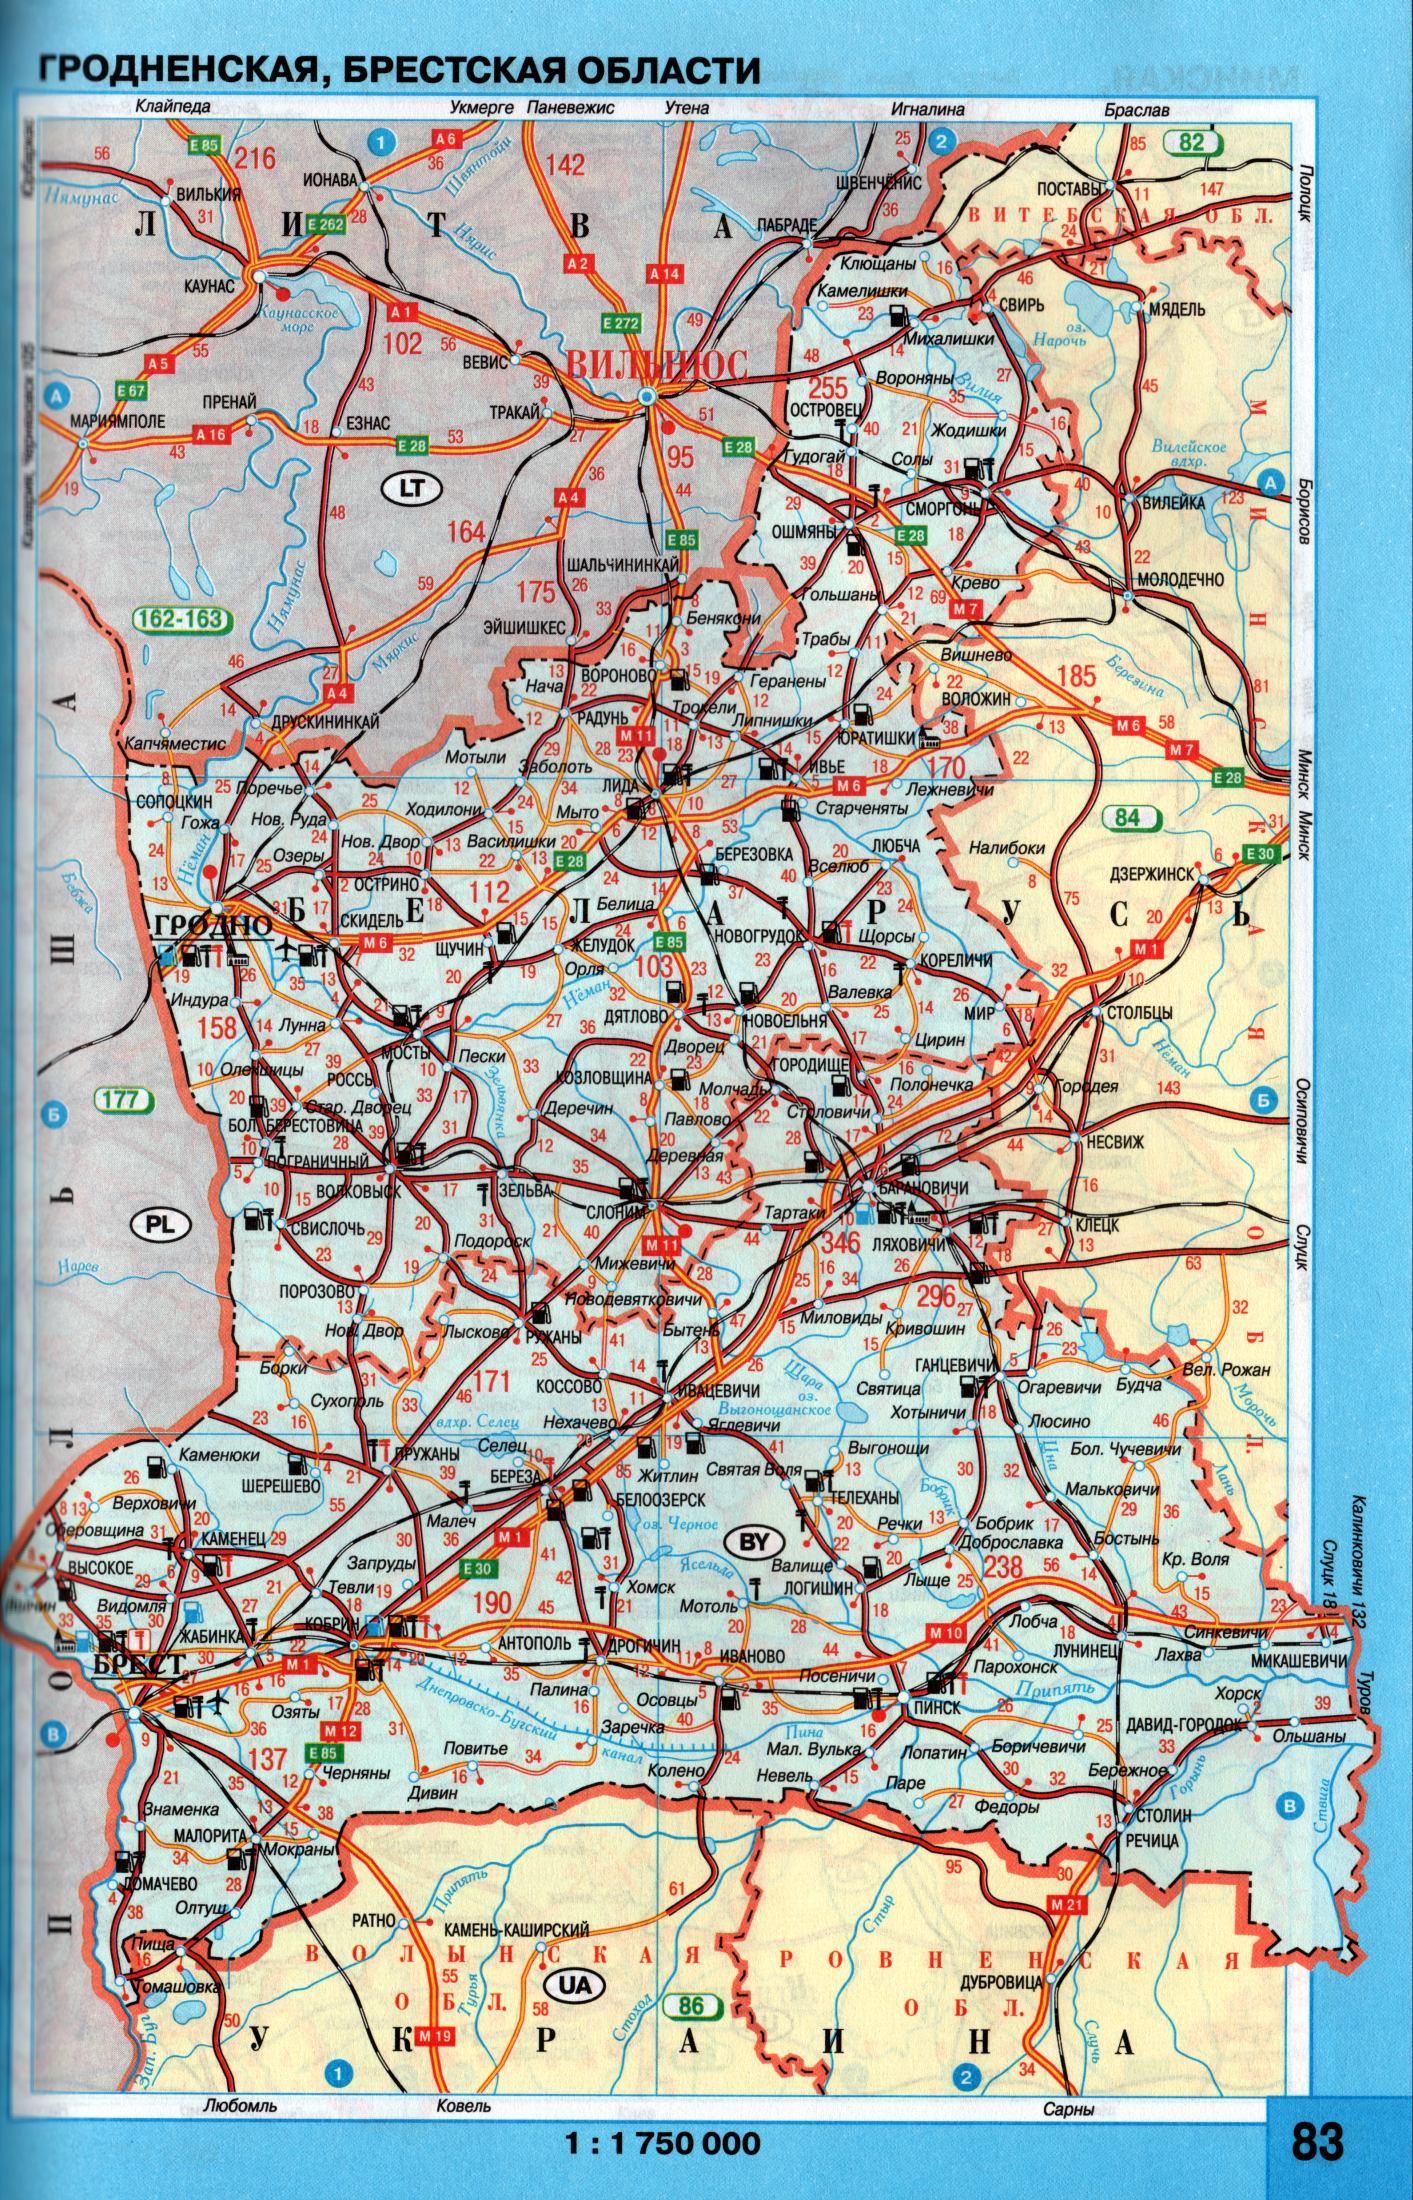 Карта Гродненской области Белоруссии.  Схема автомобильных дорог с расстояниями между населенными пунктами...